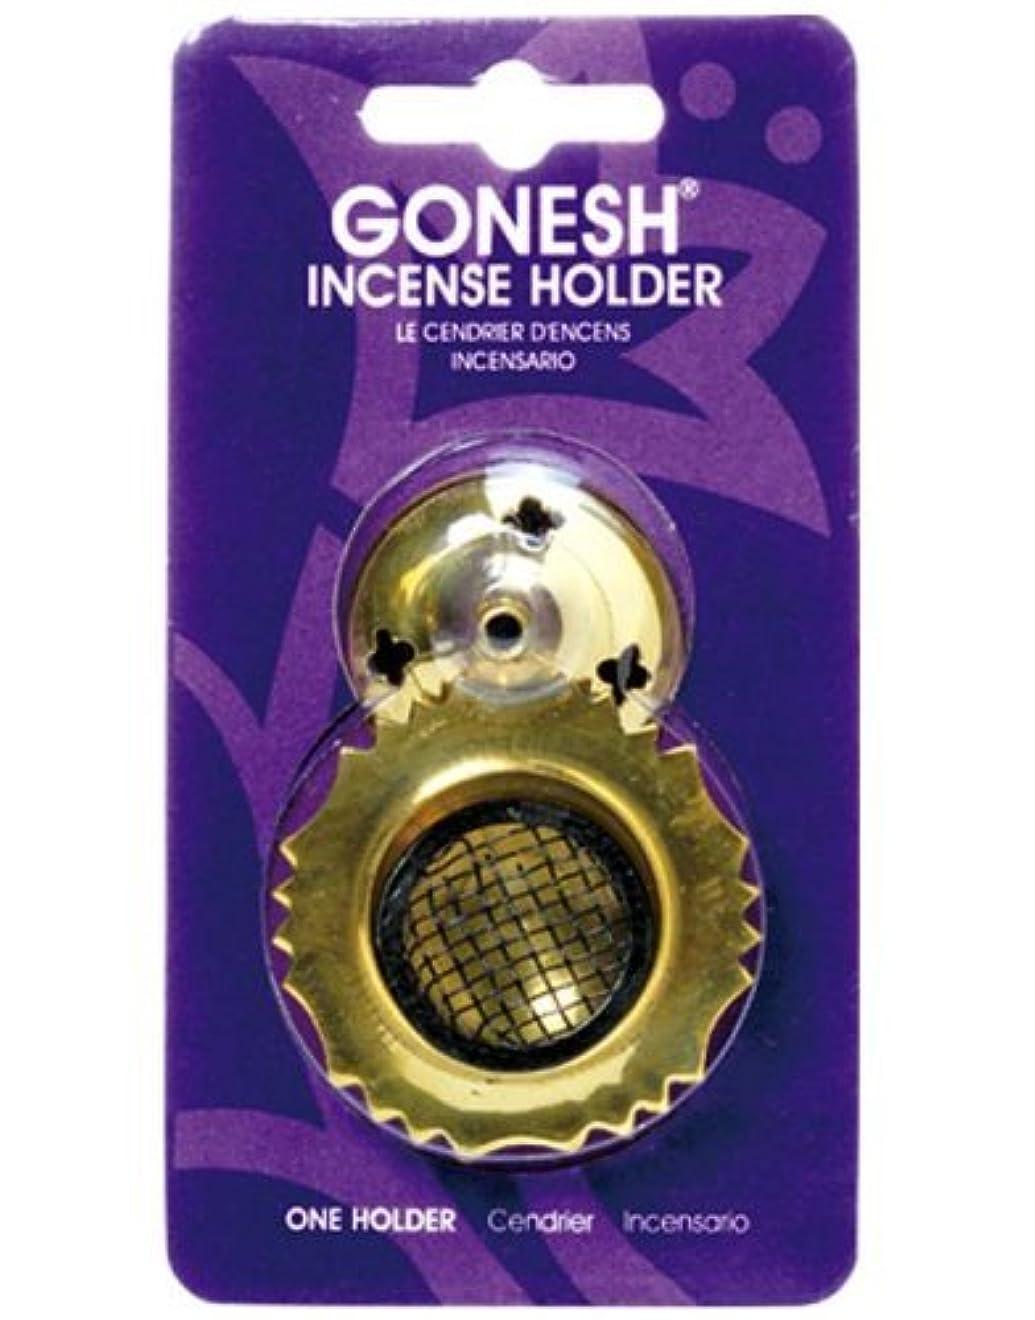 ロック解除千好色なガーネッシュ(GONESH) インセンスホルダー メッシュブラス (お香立て)